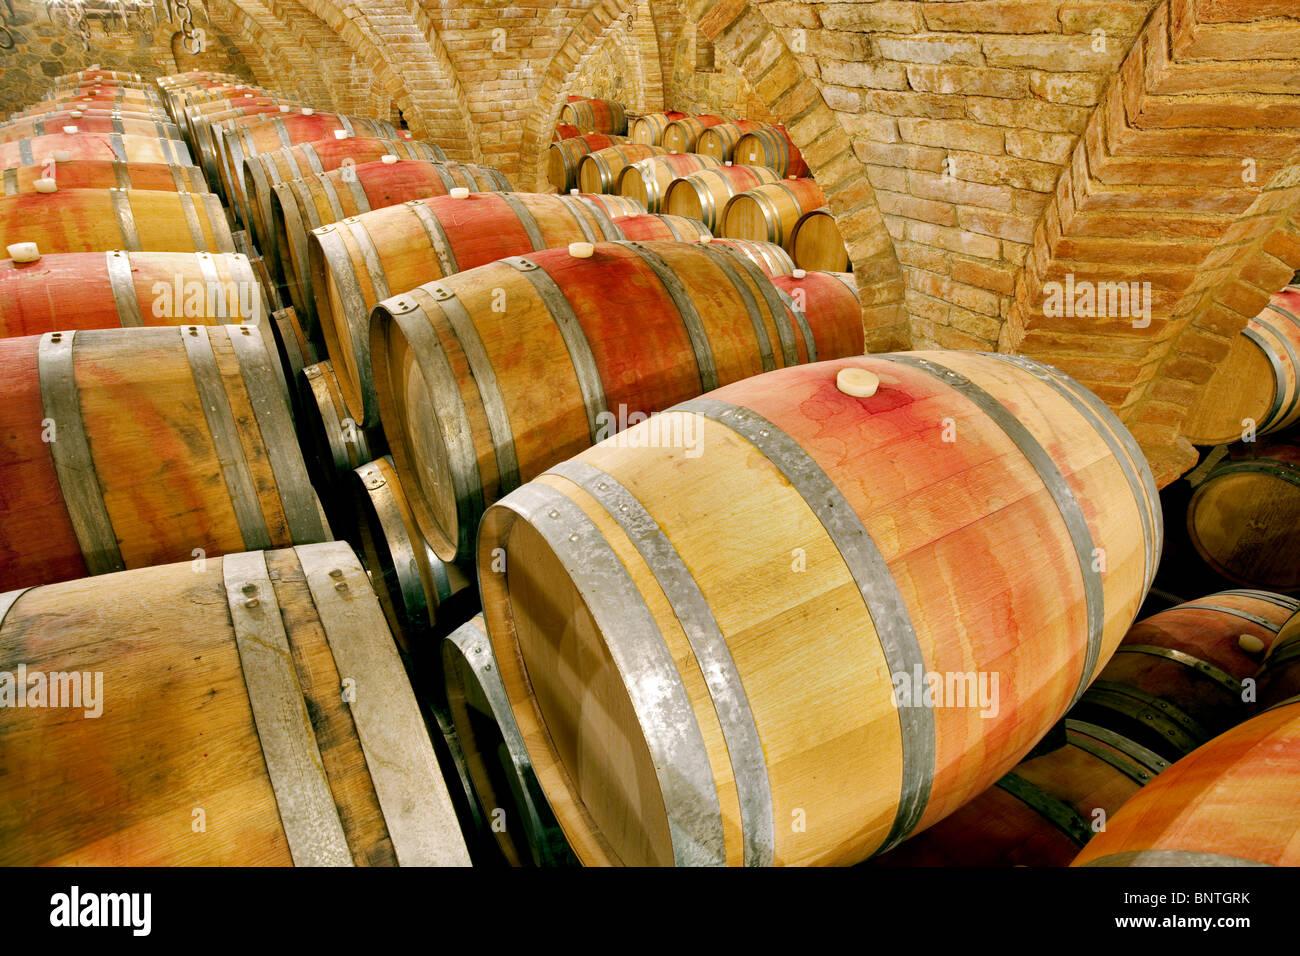 El envejecimiento en barricas de vino en bodega. Castello di Amerorosa. Napa Valley, California. Liberados de la Imagen De Stock